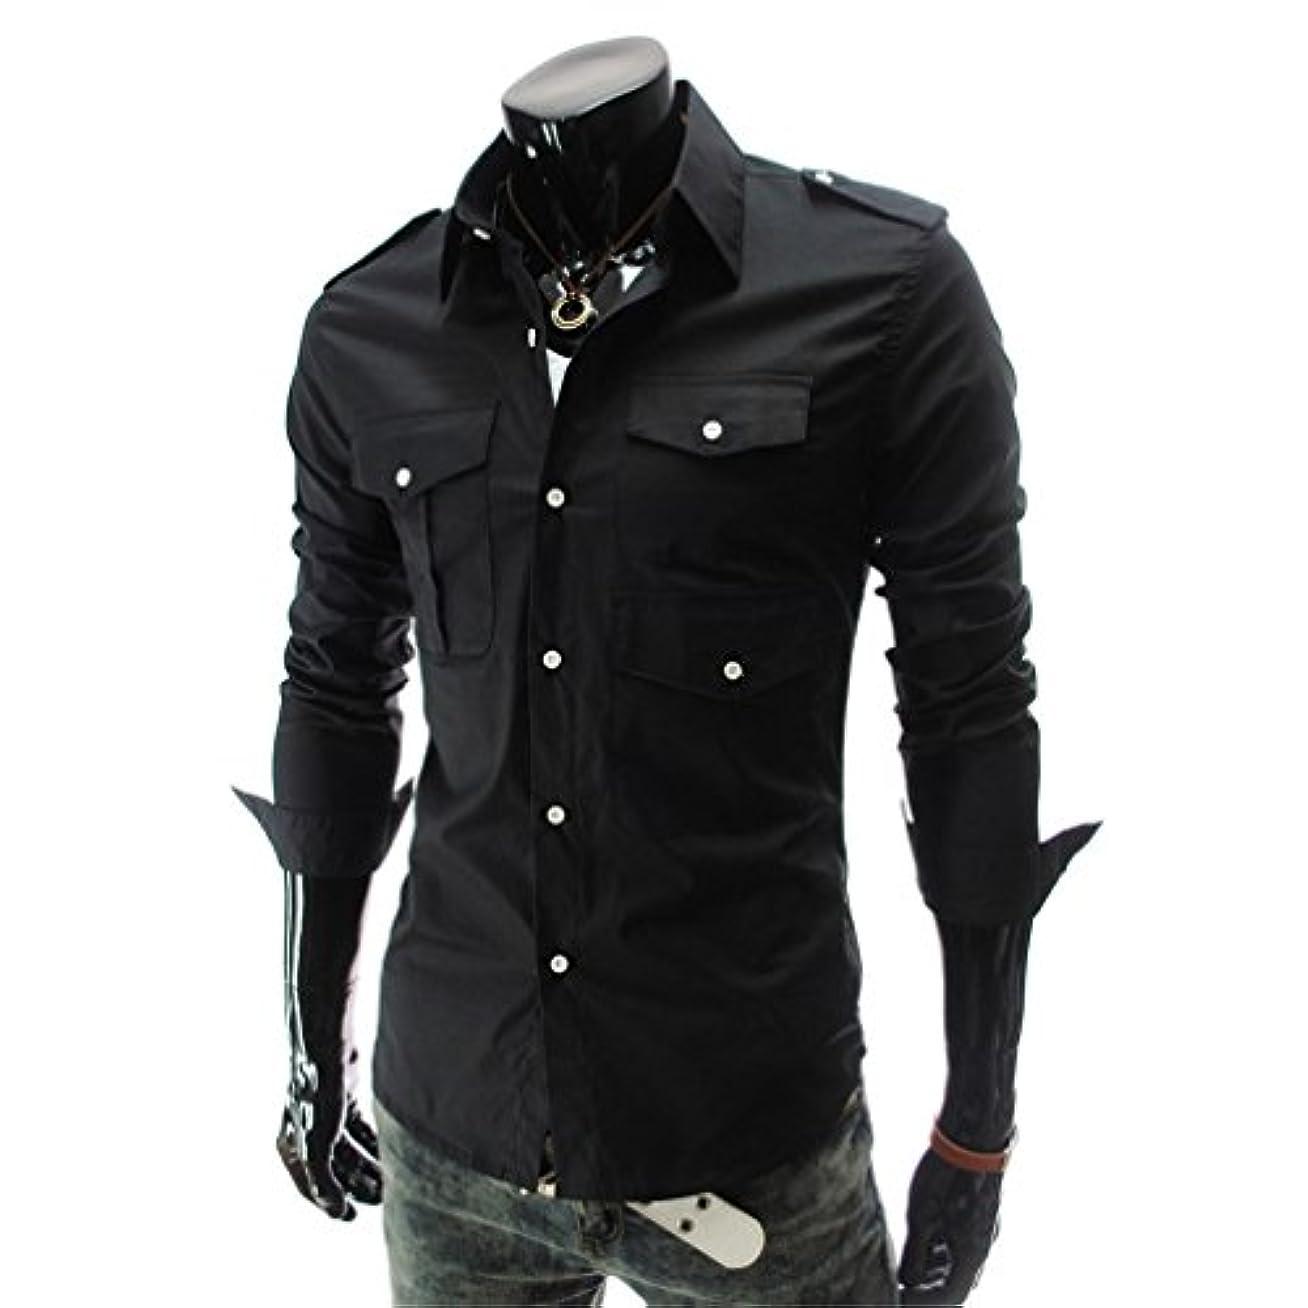 観察休日に結晶Honghu メンズ シャツ 長袖 マルチポケット バッジ スリム カジュアル ブラック XL 1PC